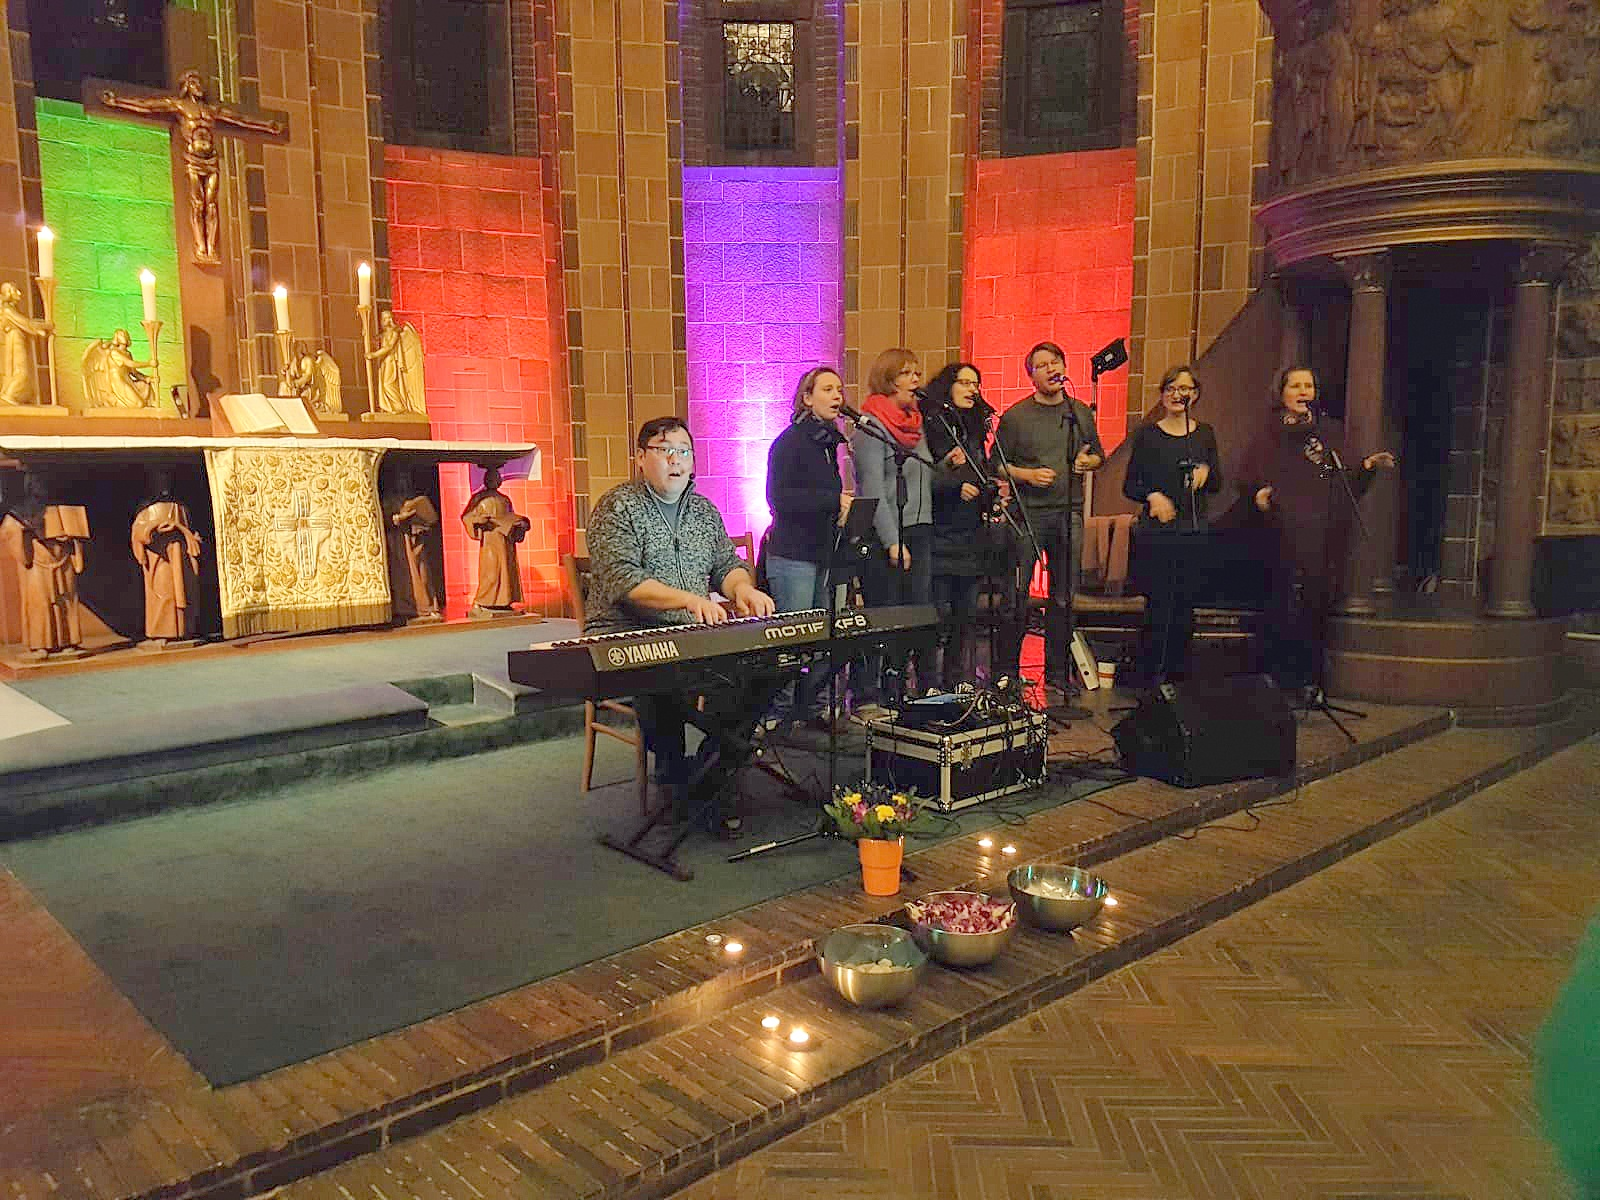 Praiselbears beim Offenen Gospelsingen in der Martin-Luther-Gedächtniskirche, Berlin-Mariendorf, 2019